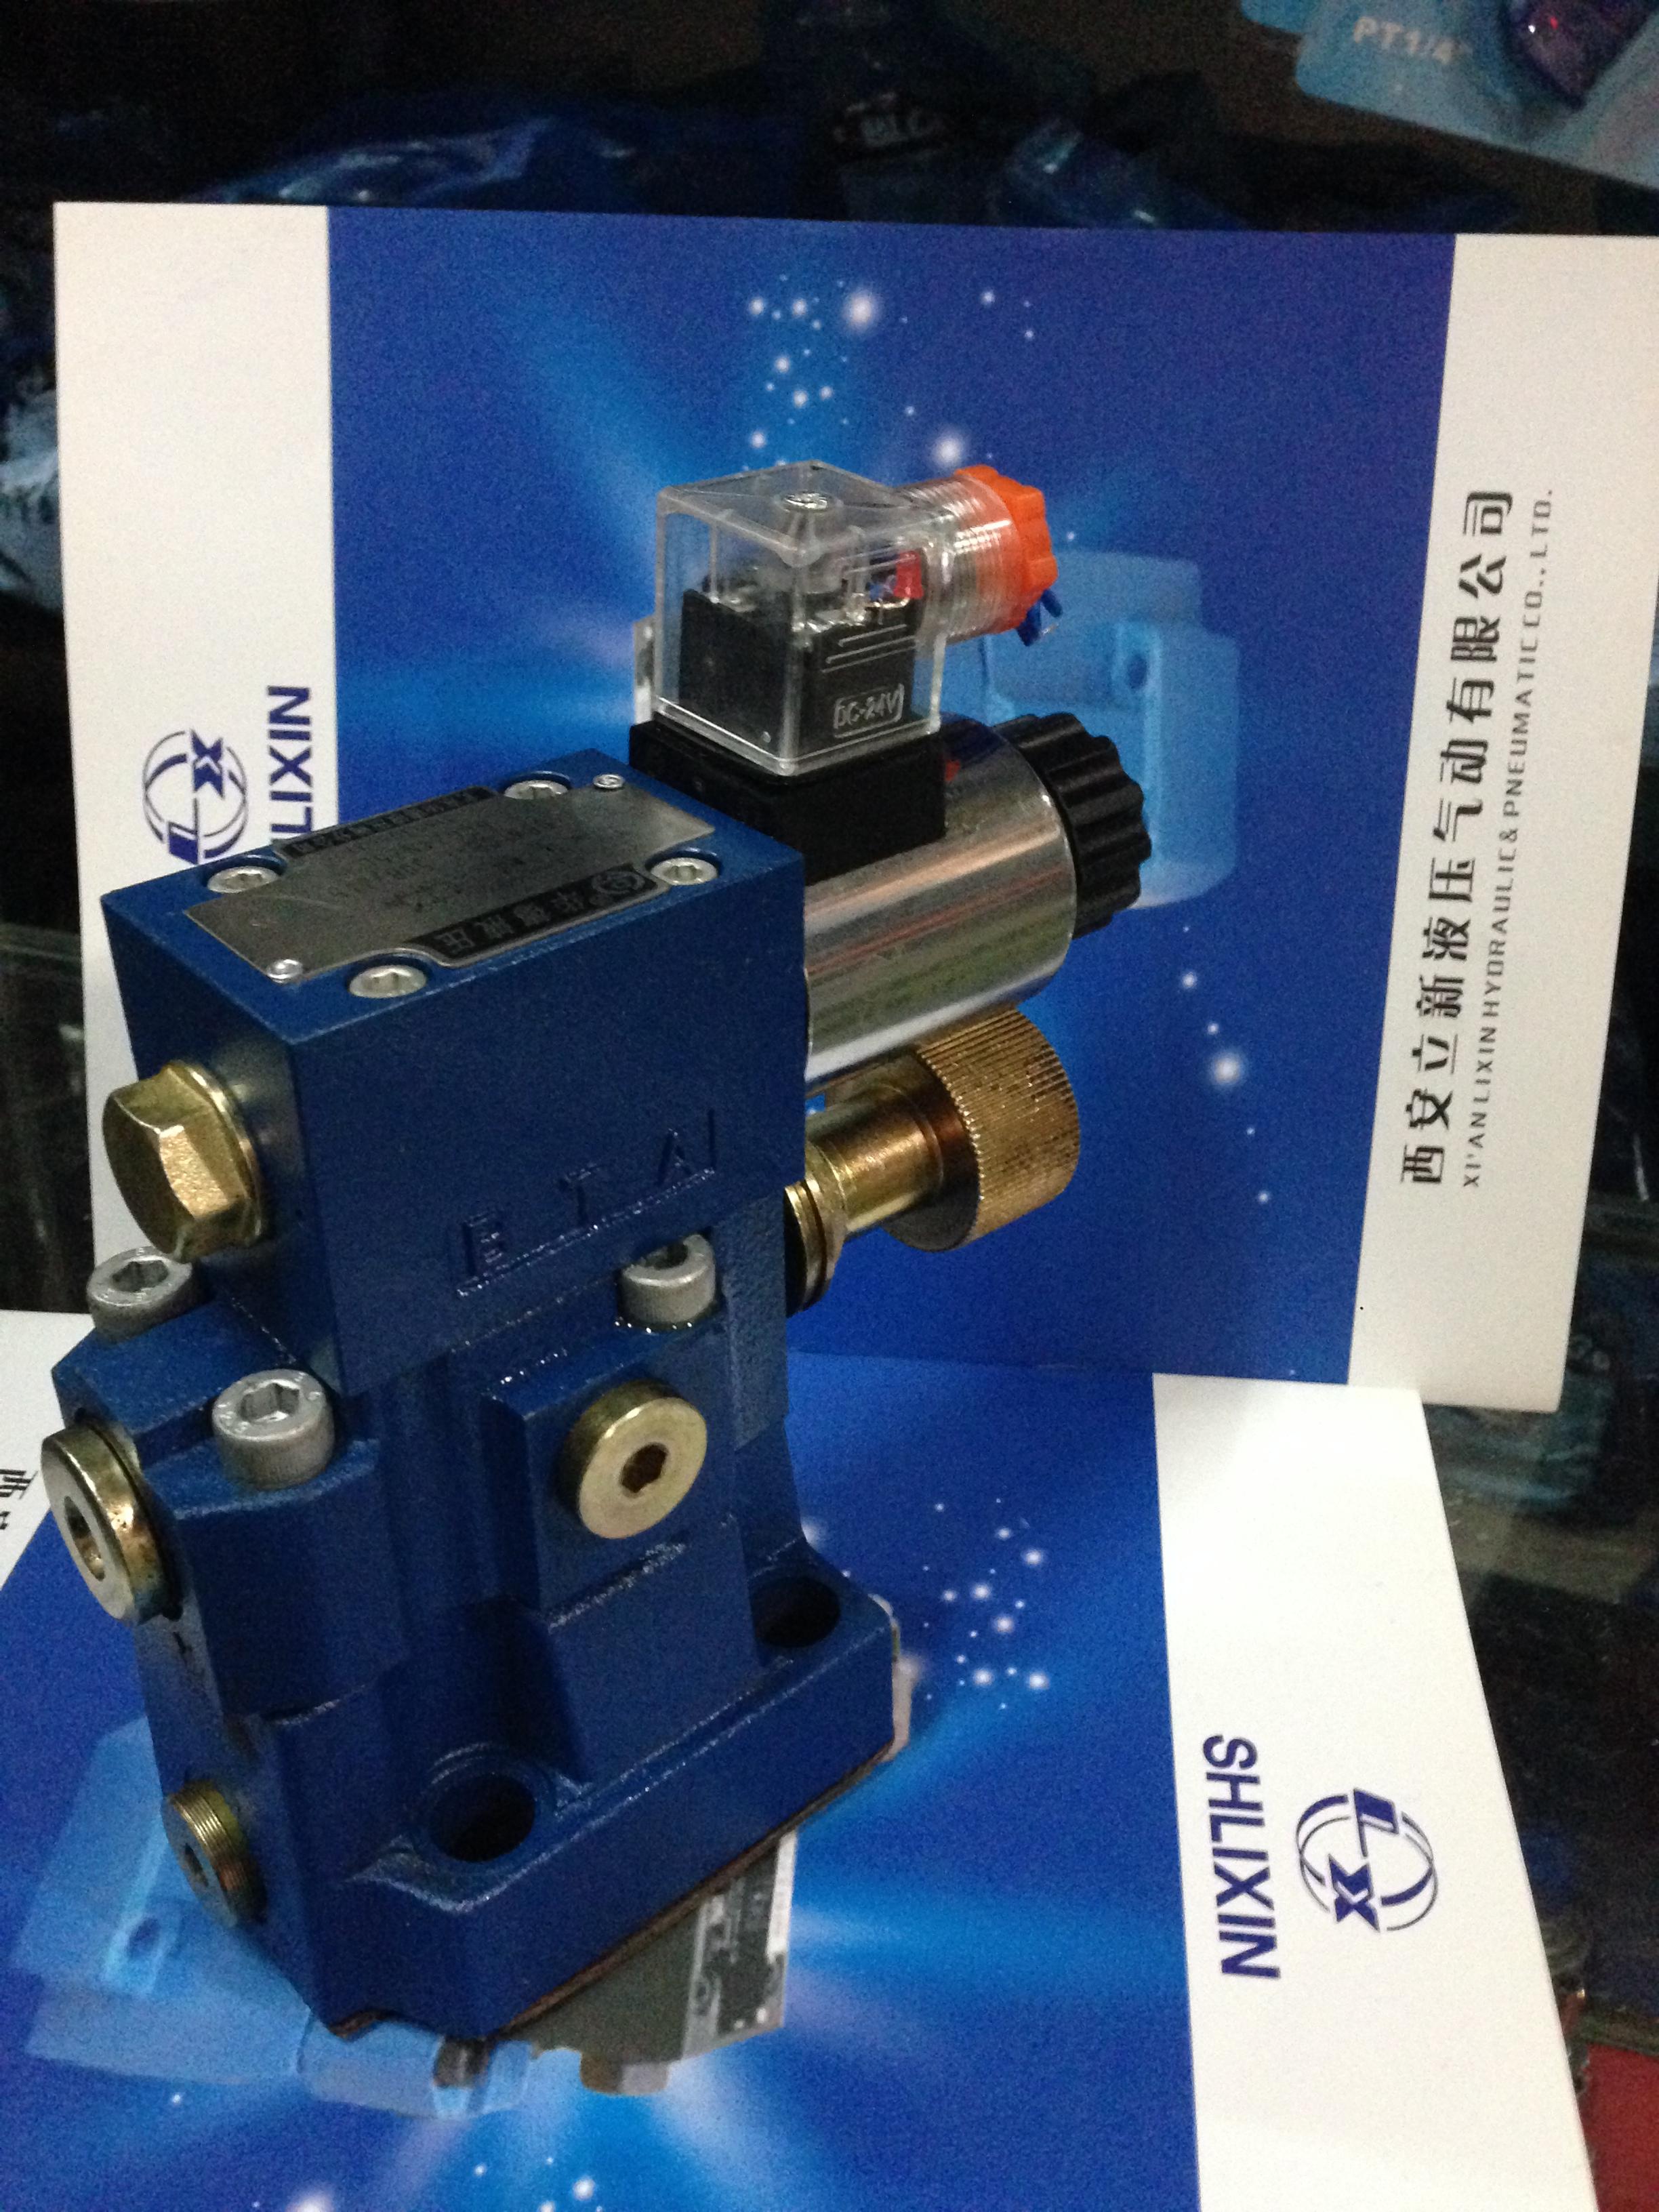 dbw10b-1-50b/3156cg24nz5l华德先导式电磁溢流阀武汉图片